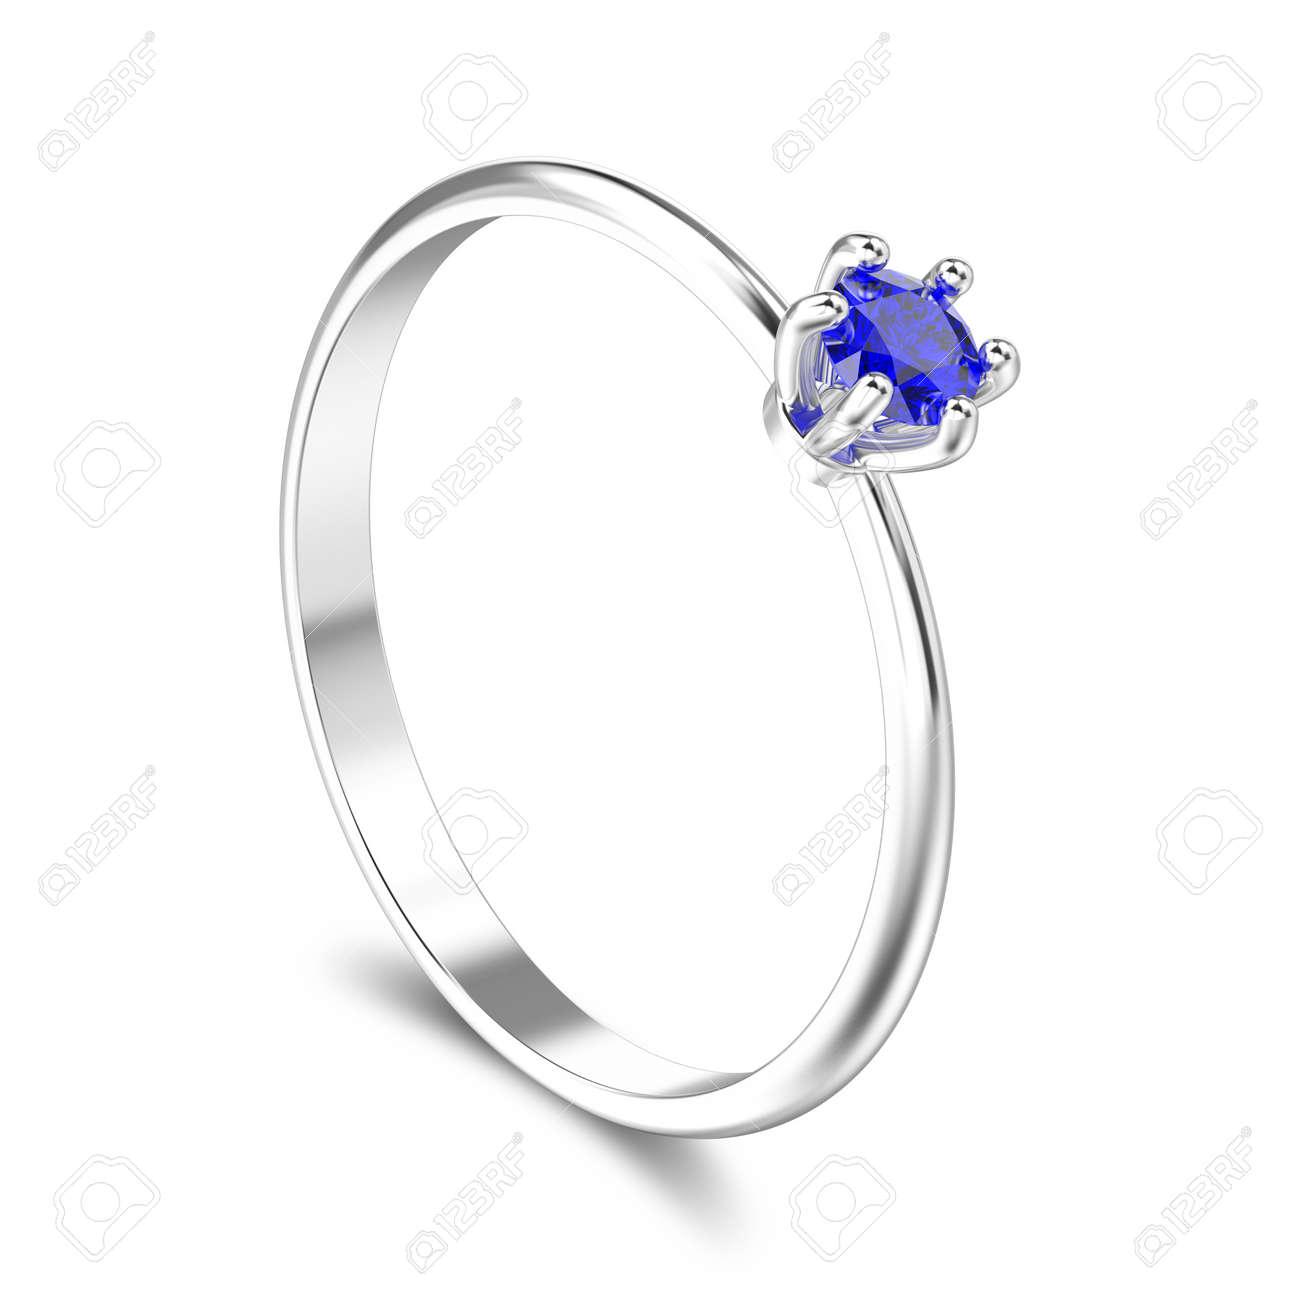 b41bce00d2f6 Foto de archivo - Ilustración 3D aislado oro blanco o plata tradicional  anillo de compromiso de compromiso solitario con zafiro azul con sombra  sobre un ...